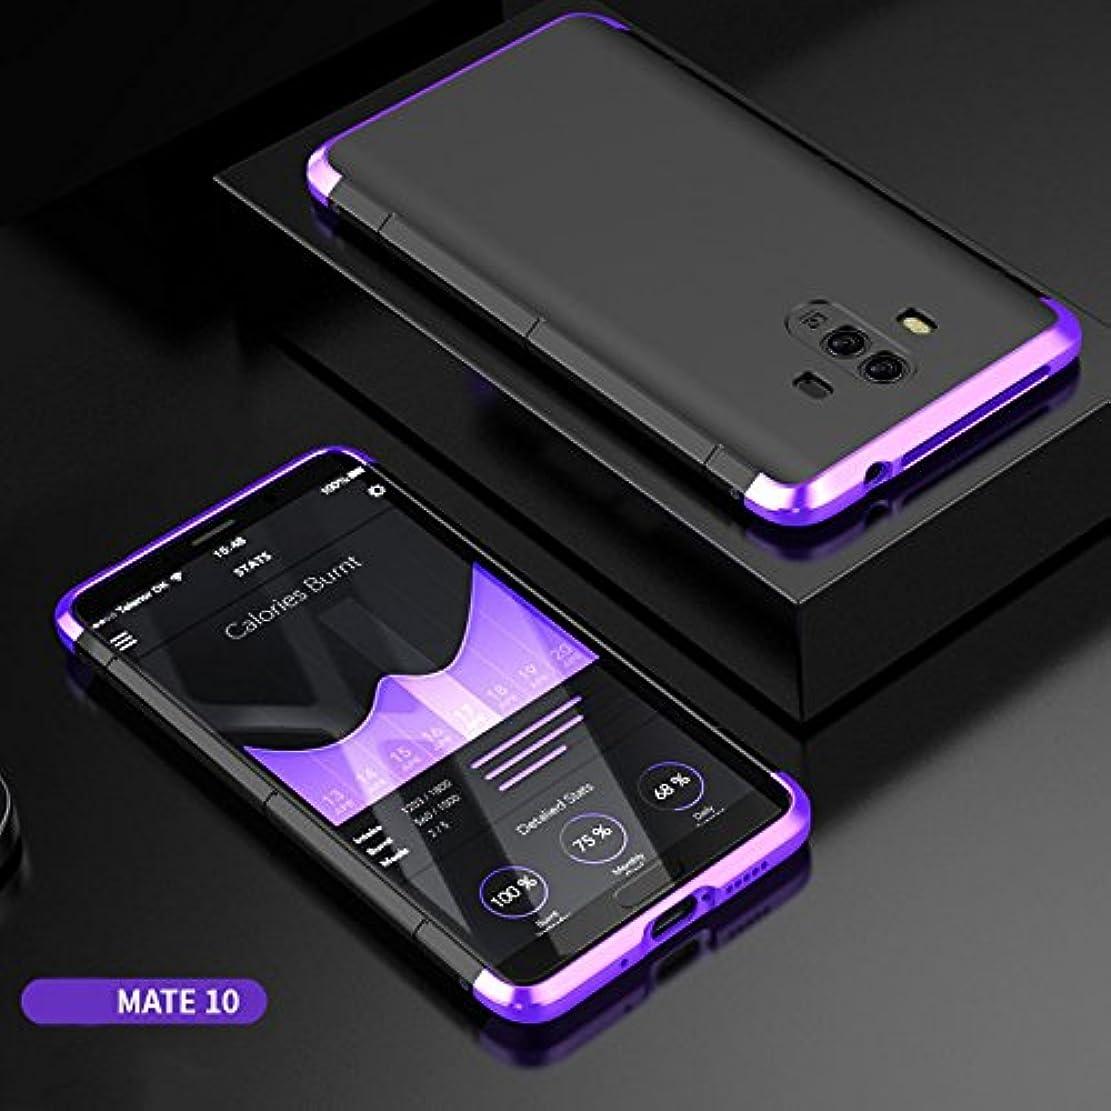 ファシズムハイジャック出席Jicorzo - Huawei社メイト10 Coqueのために華為メイト10電話ケース耐衝撃バンパーフレームシェルのためにファッションメタル+ PC電話裏表紙